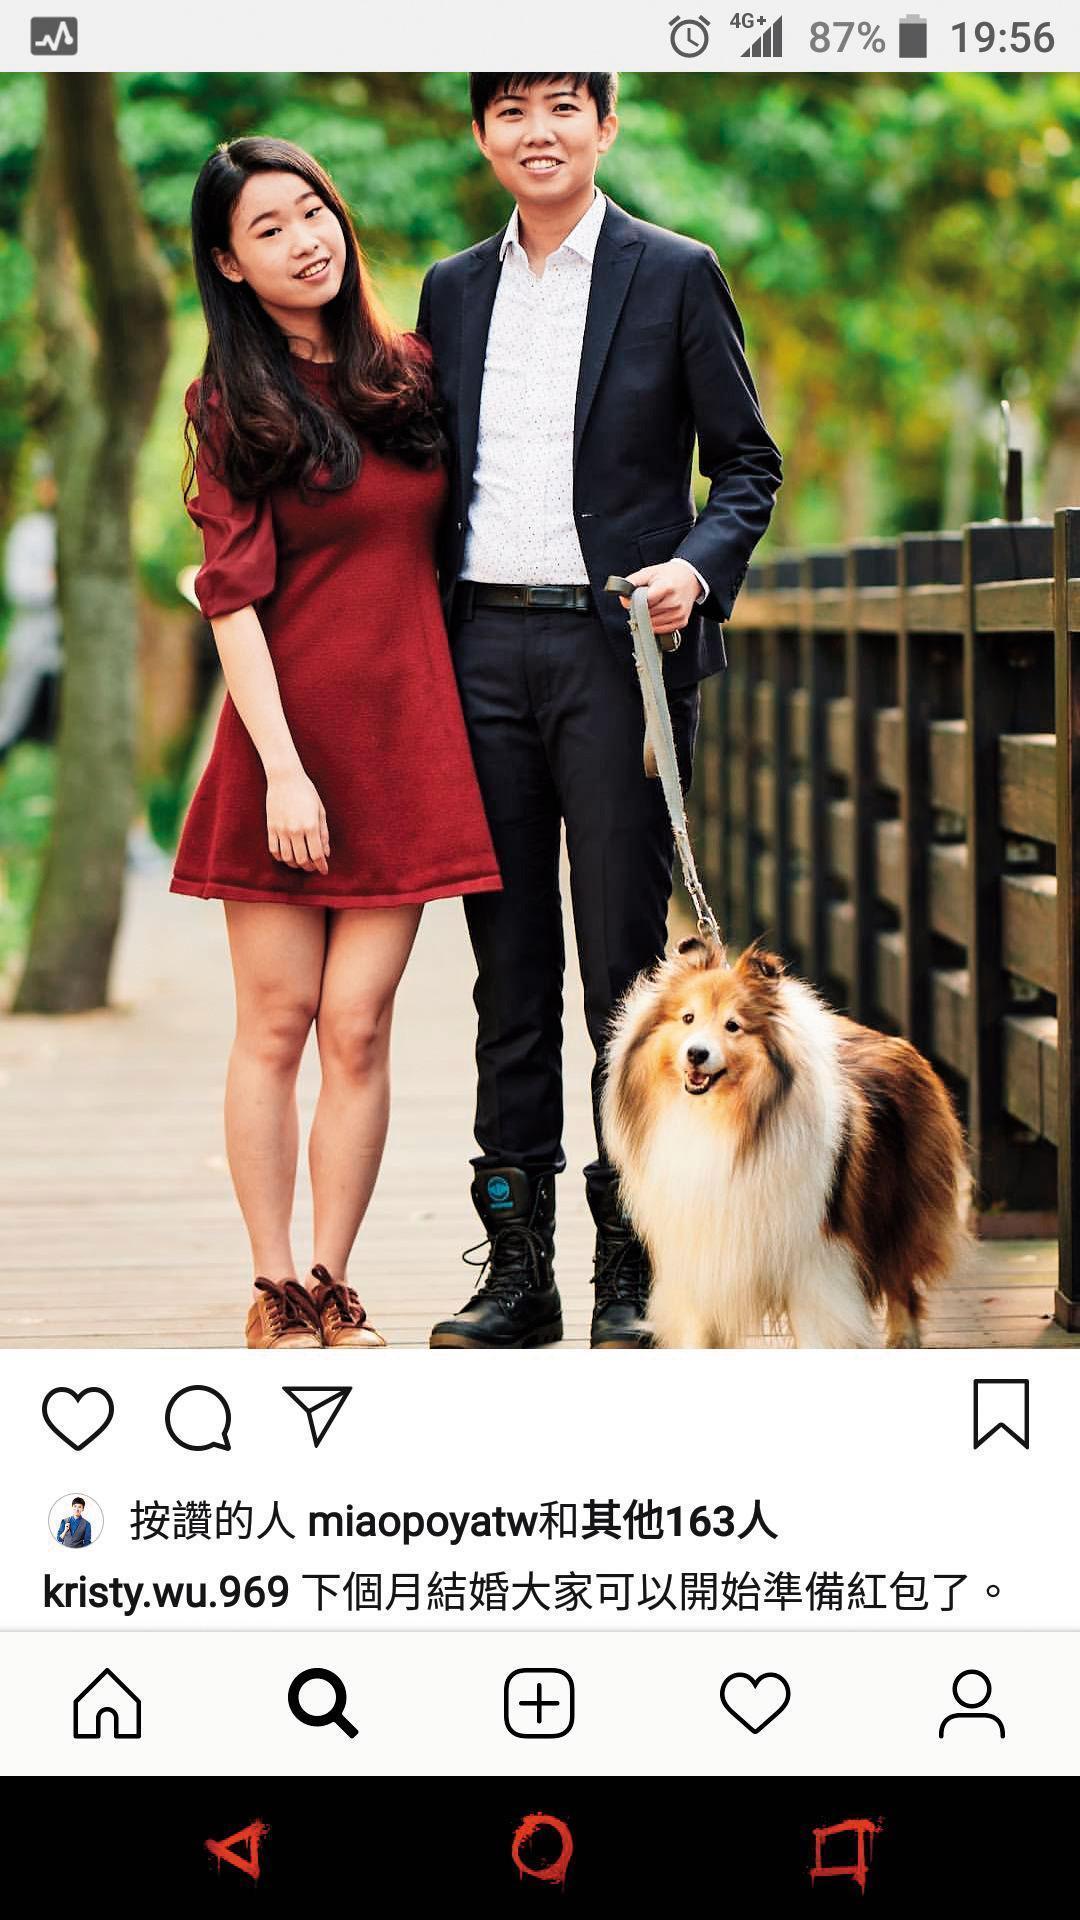 去年3月吳奕萱在IG曬合照,並宣稱與苗將結婚,要大家準備紅包。(翻攝吳奕萱IG)